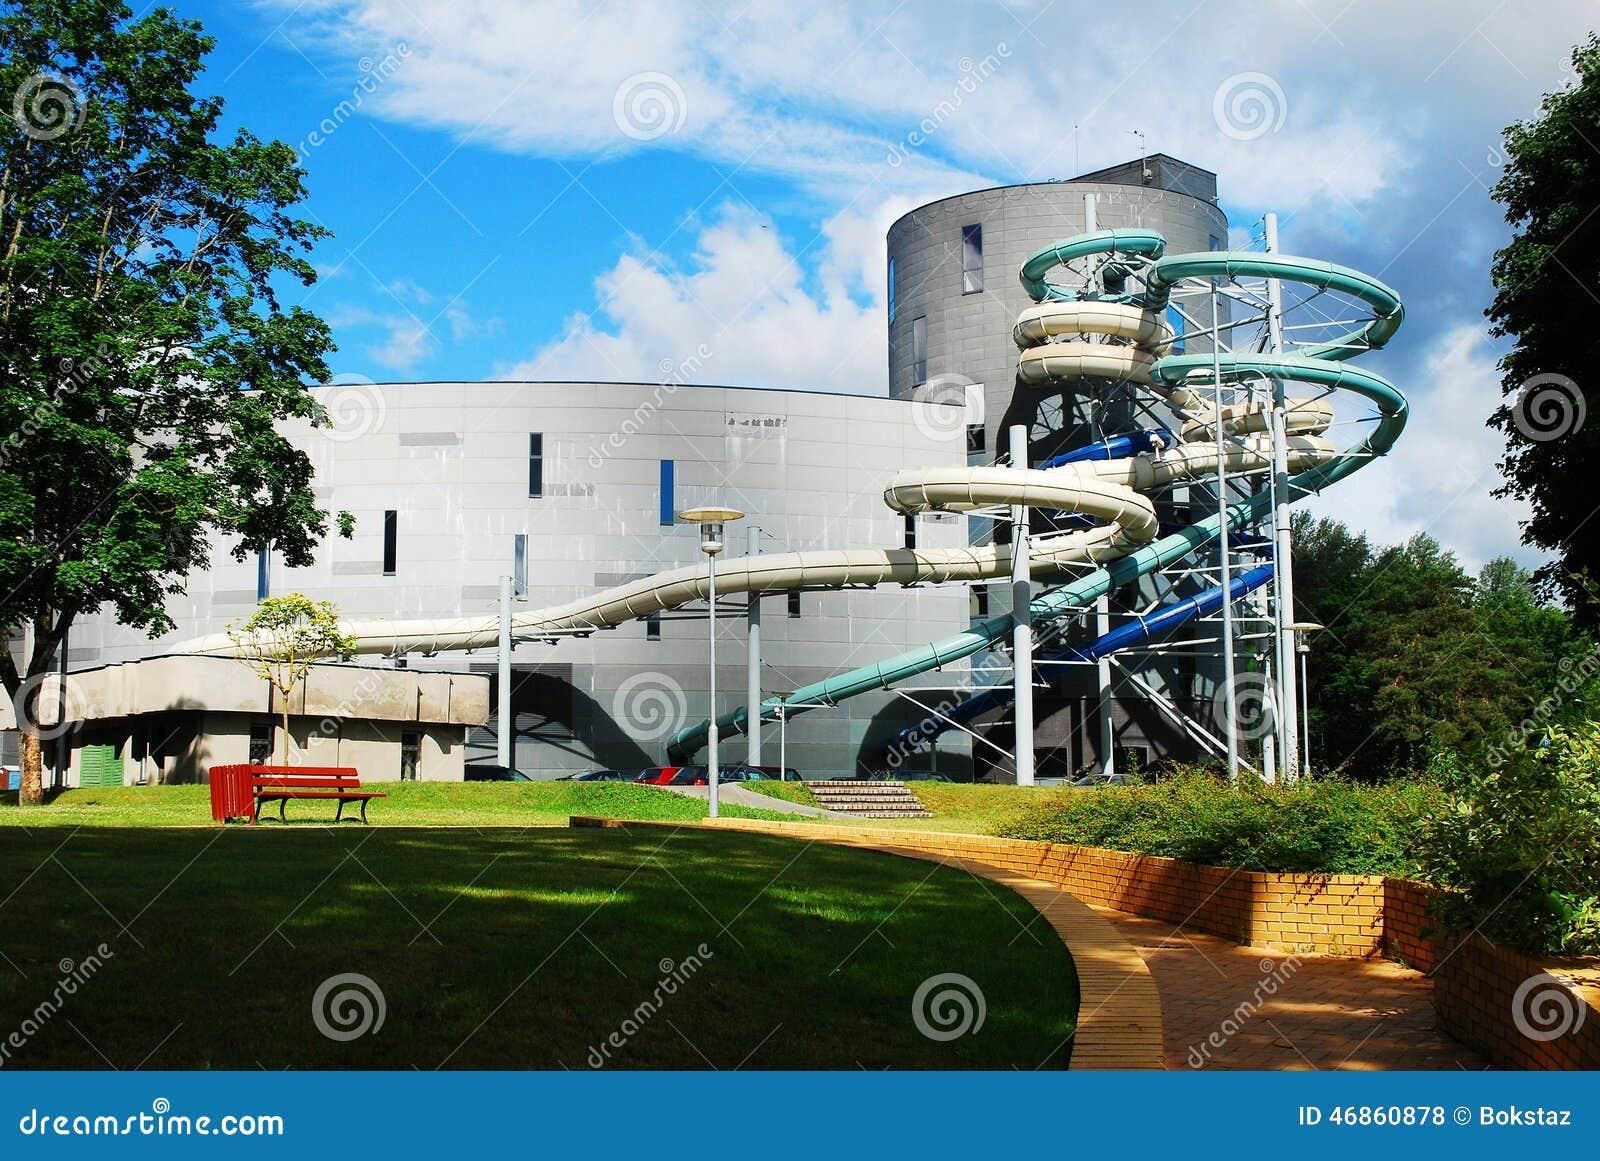 水吸引力公园在德鲁斯基宁凯温泉城市